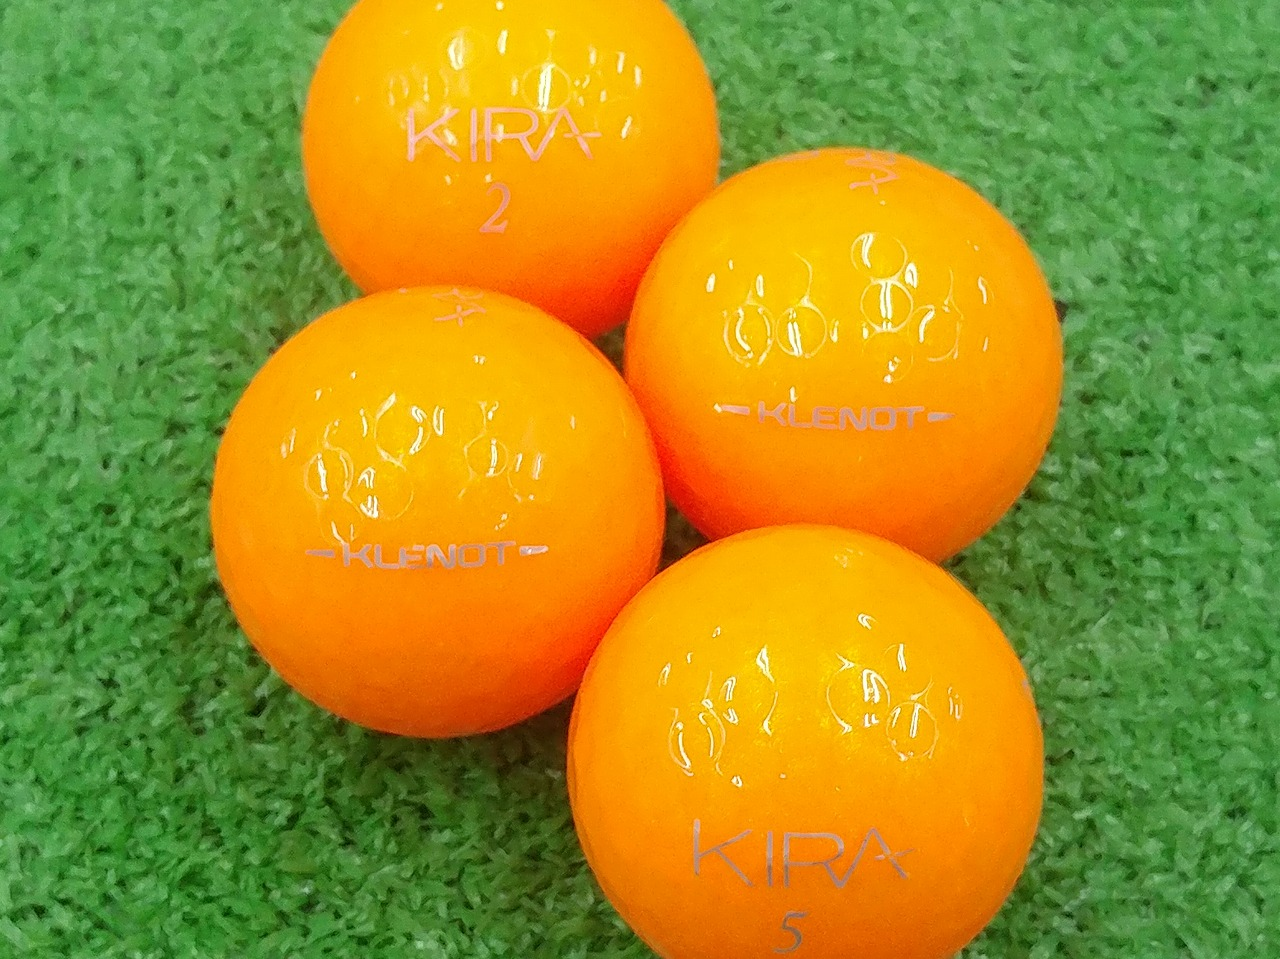 【Aランク】Kasco(キャスコ) KIRA KLENOT オレンジトパーズ 2016年モデル 1個